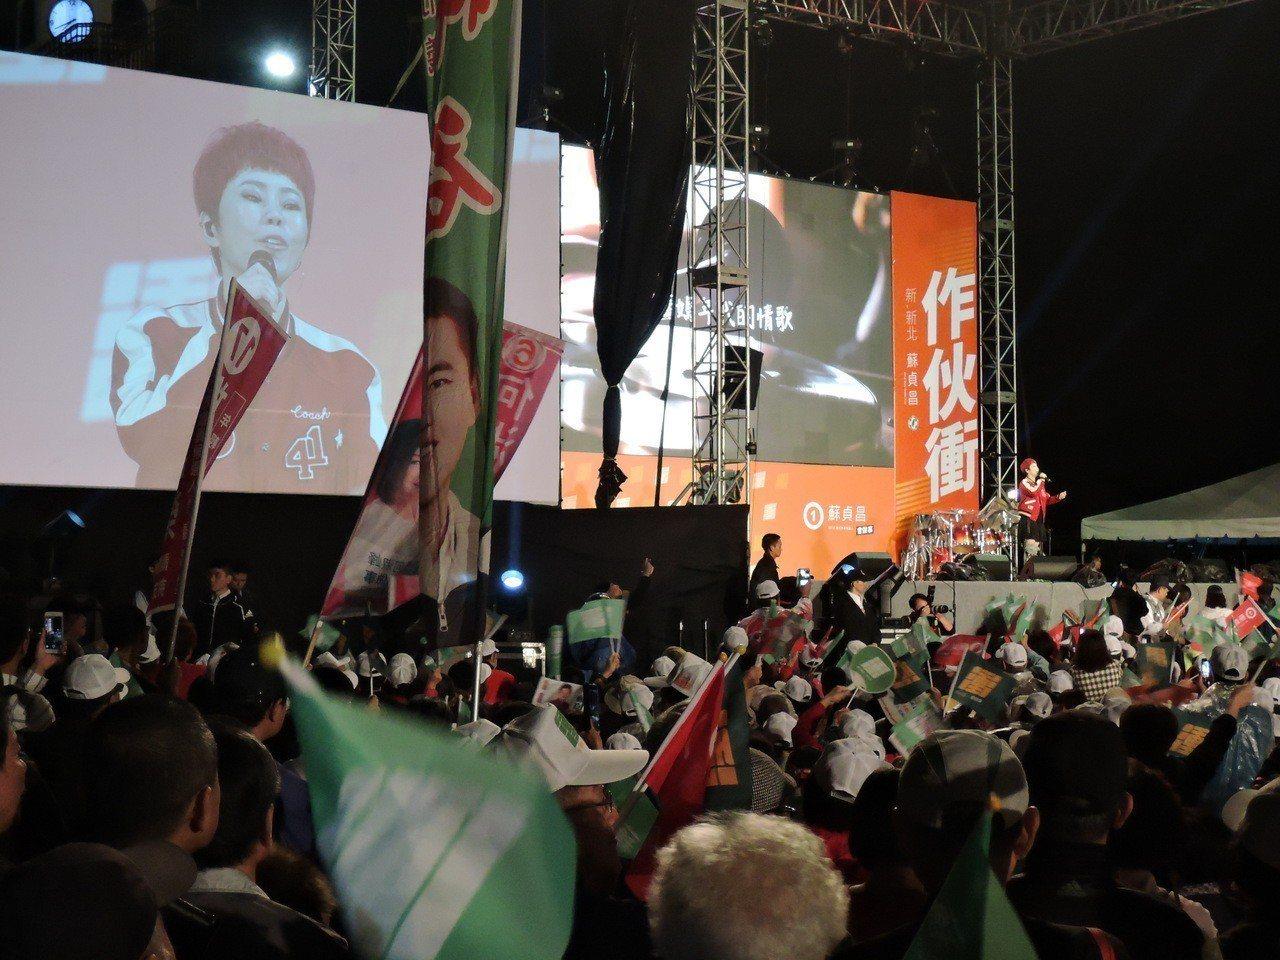 金曲歌后詹雅雯現身在民進黨新北市長候選人蘇貞昌的新莊造勢晚會上 ,群眾高喊「加油...